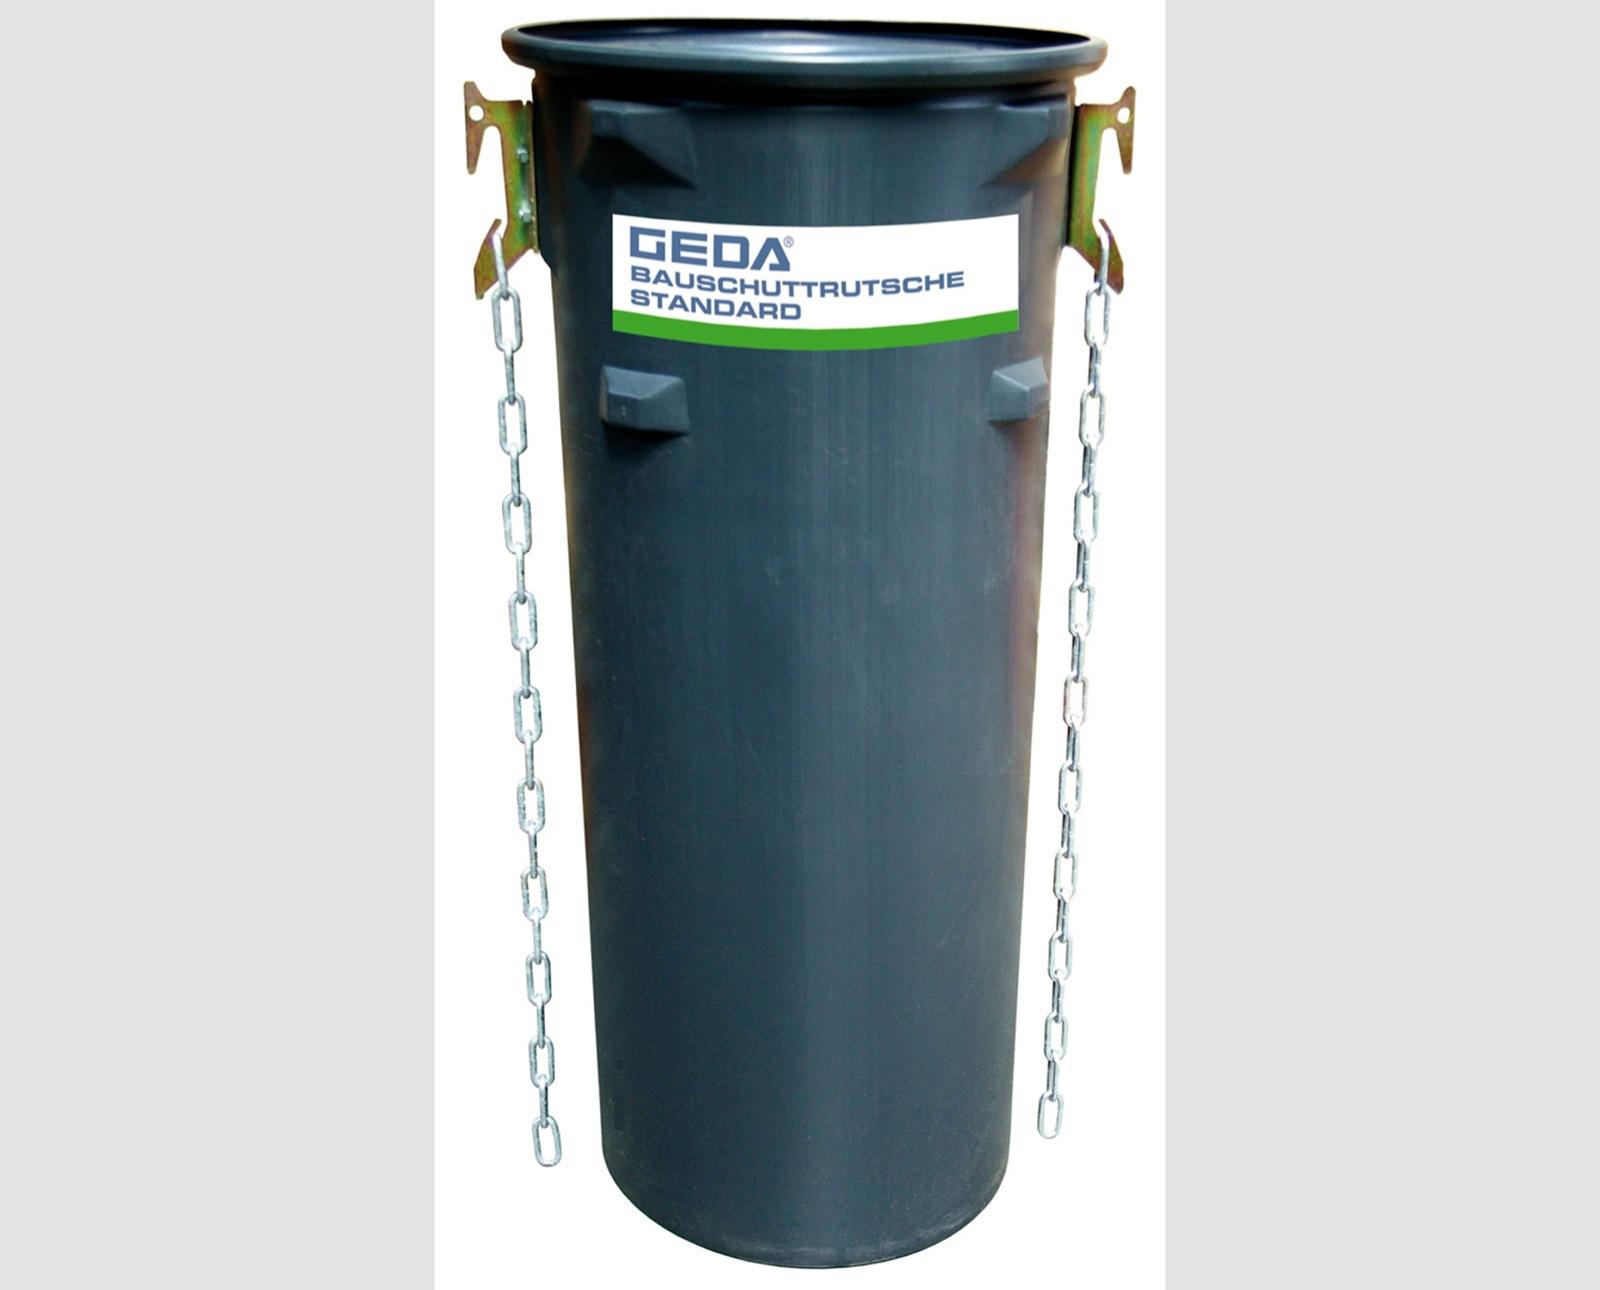 GEDA BAUSCHUTTRUTSCHE STANDARD - Made in Germany   GEDA